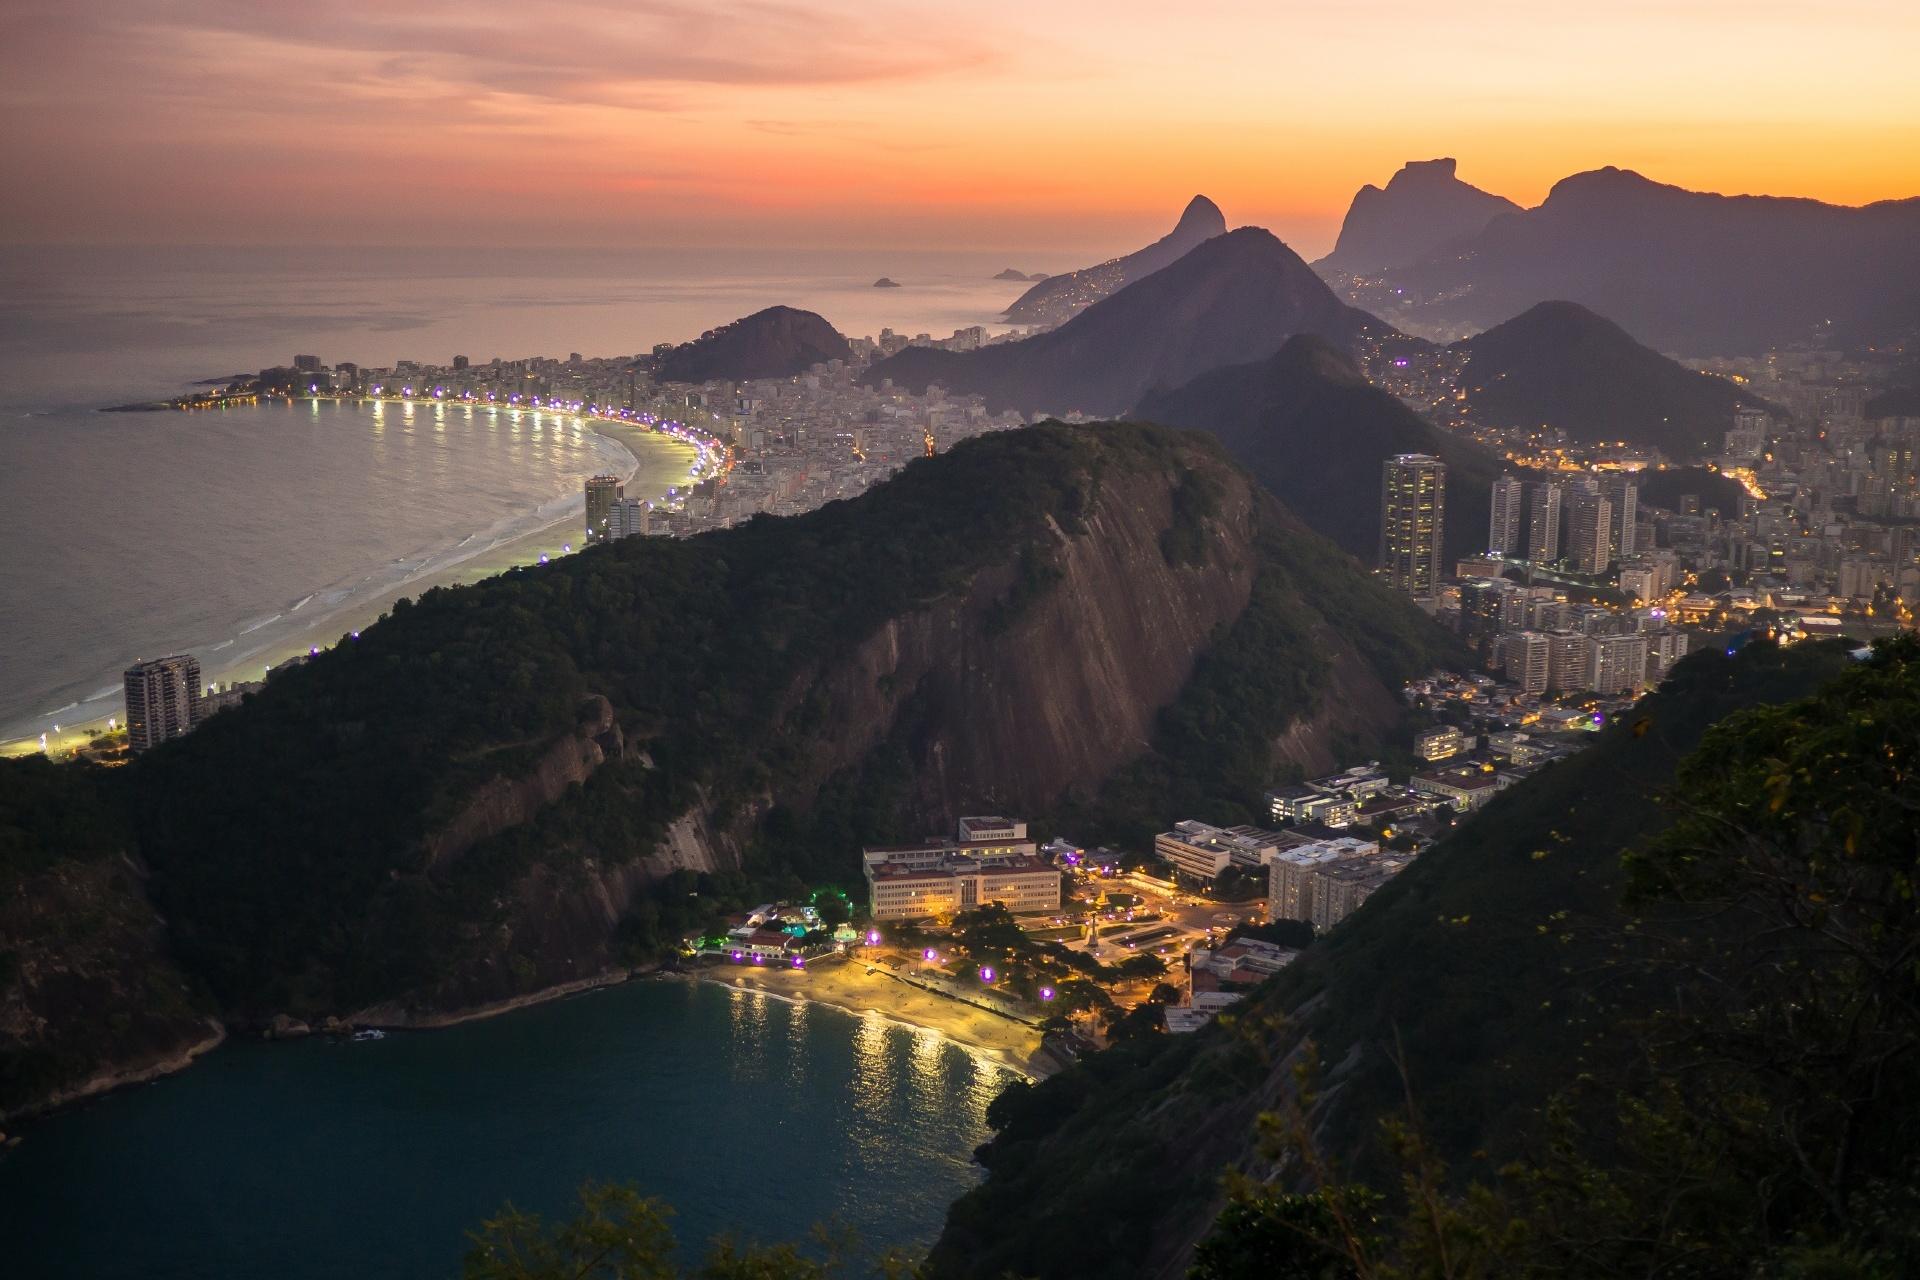 夕暮れのリオデジャネイロ ブラジルの風景